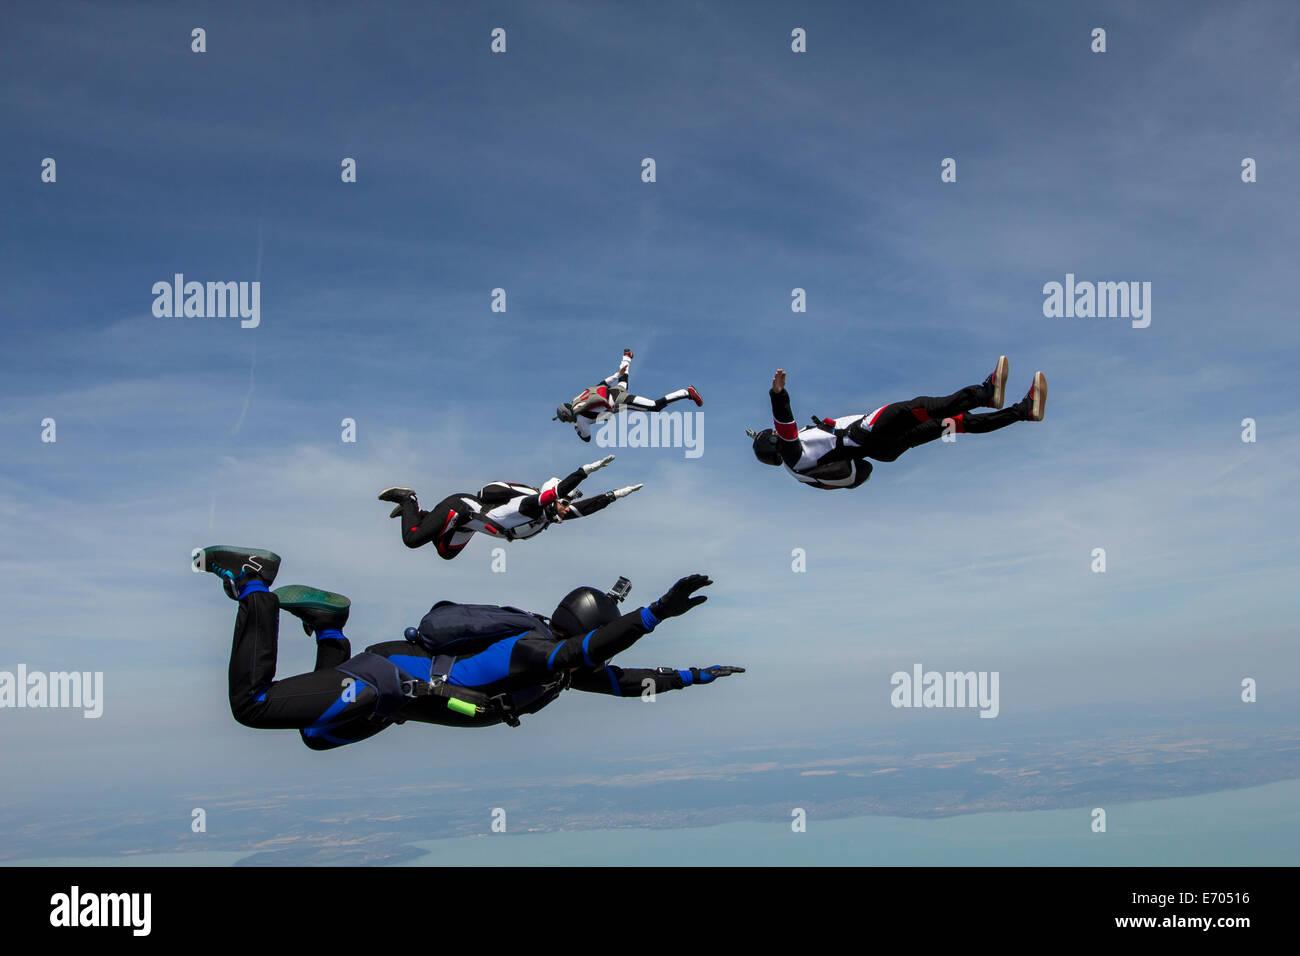 Vier junge Erwachsene männliche Fallschirmspringer frei fallend, Siofok, Somogy, Ungarn Stockbild